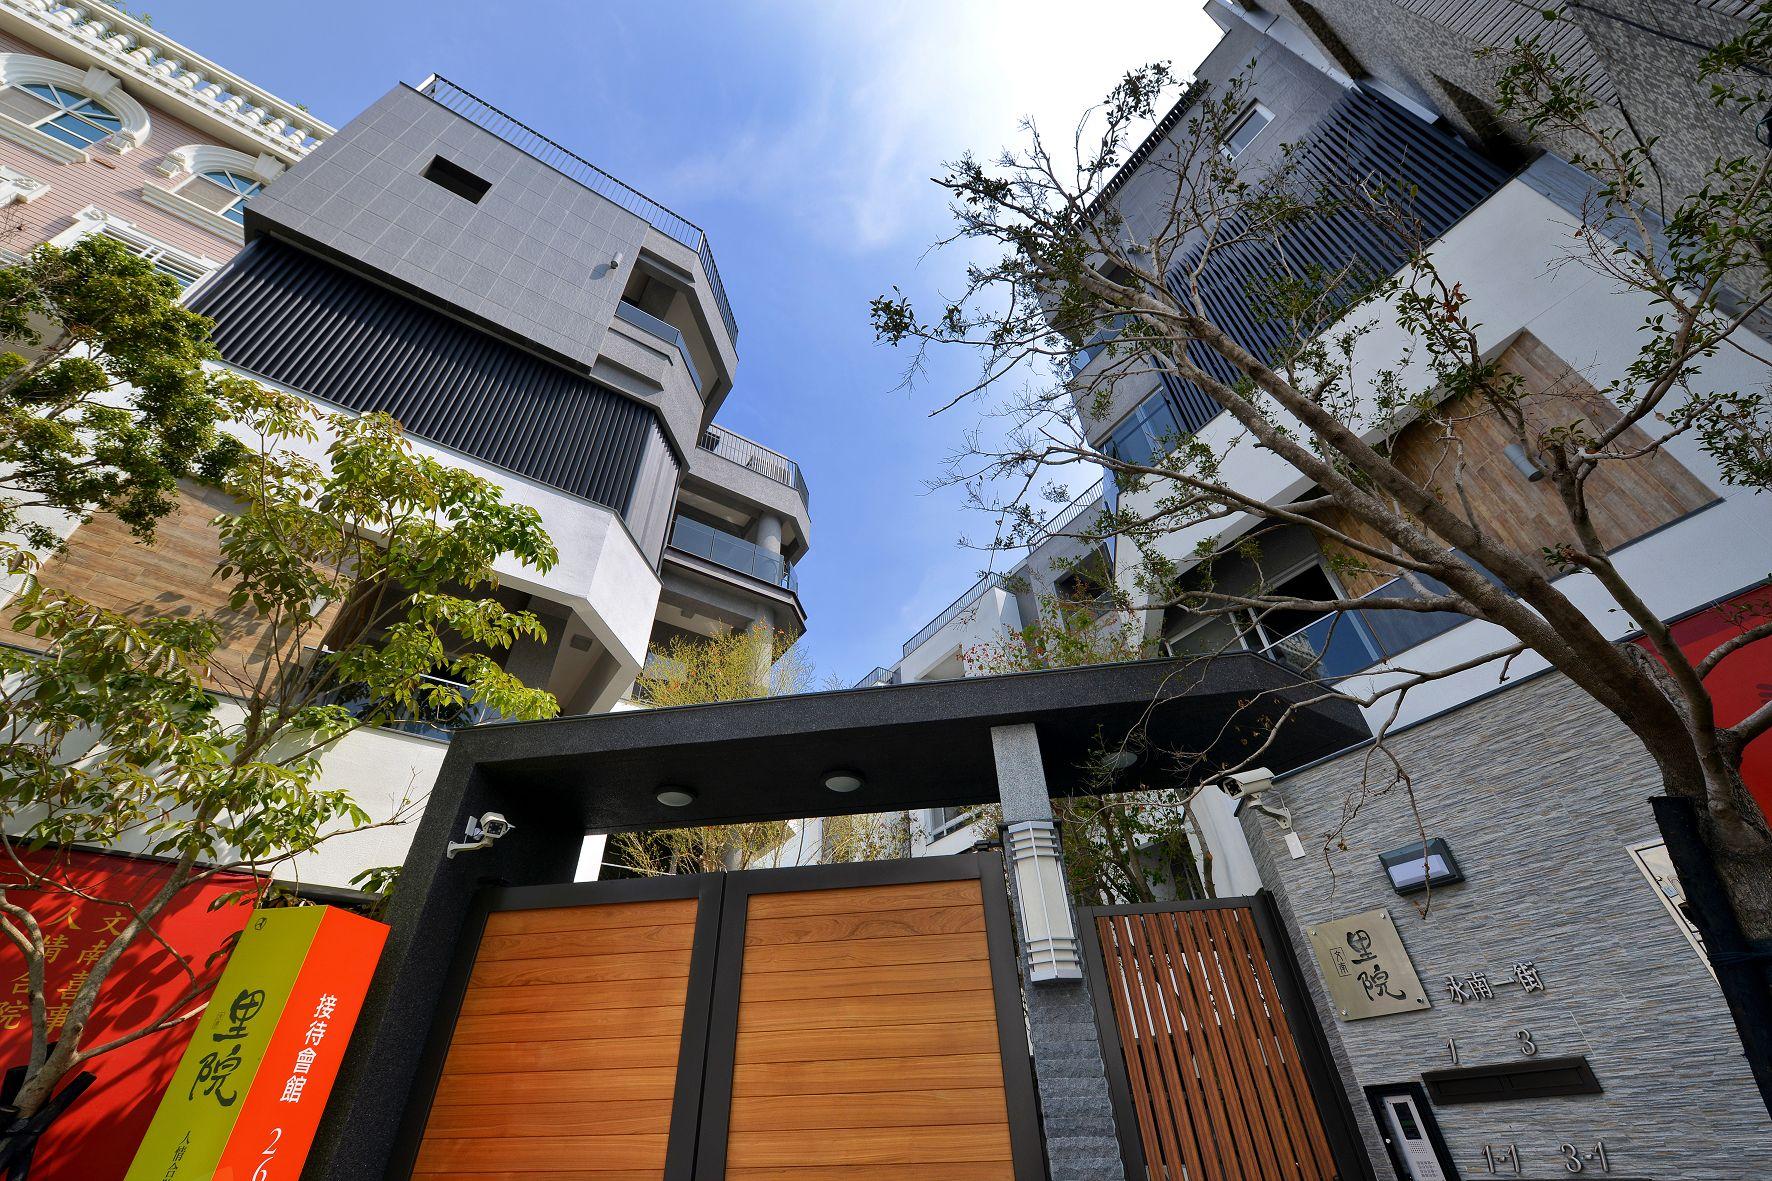 圖片:台南市南區豪宅「里院」座落文南里的人文車墅 綠意輕搖的家宅大院